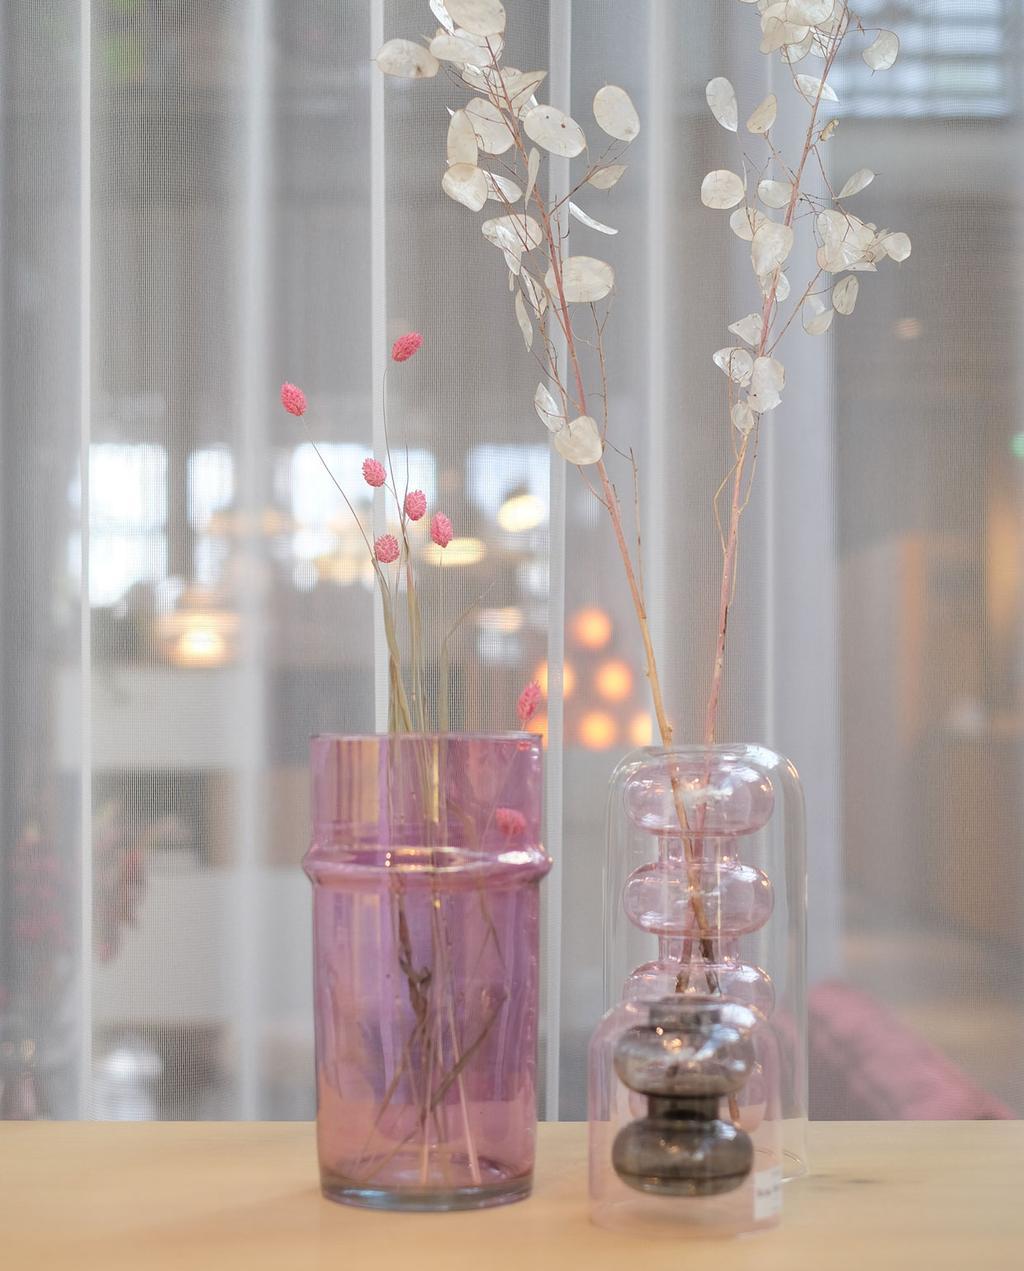 vtwonen | Blog PRCHTG Design in Den Bosch roze vazen met gedroogde bloemen